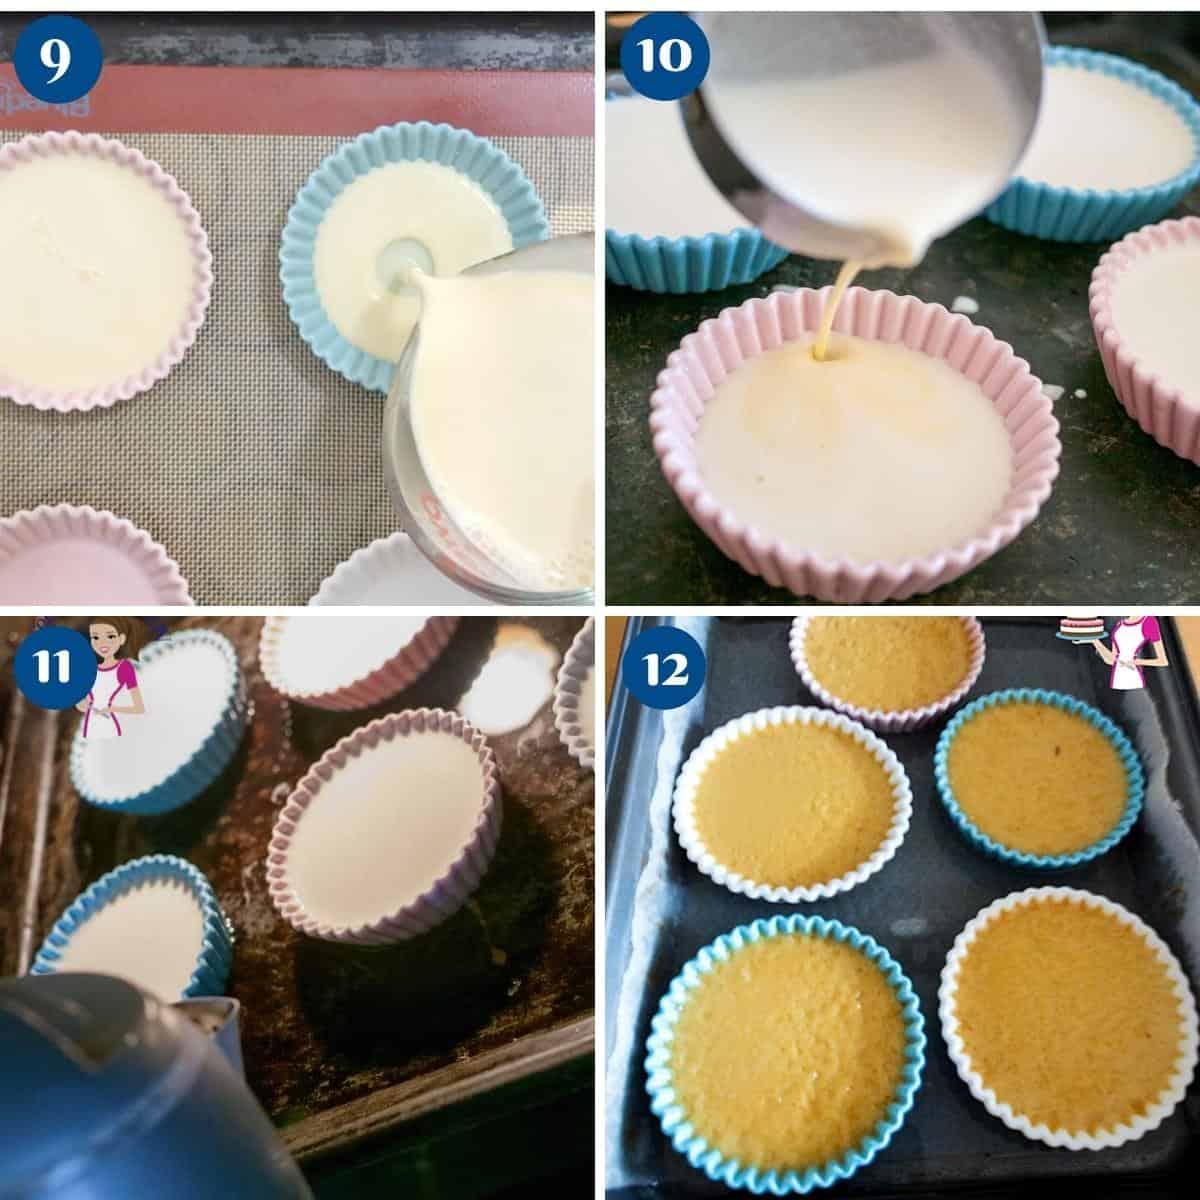 Progress pictures making custard for creme brûlée.